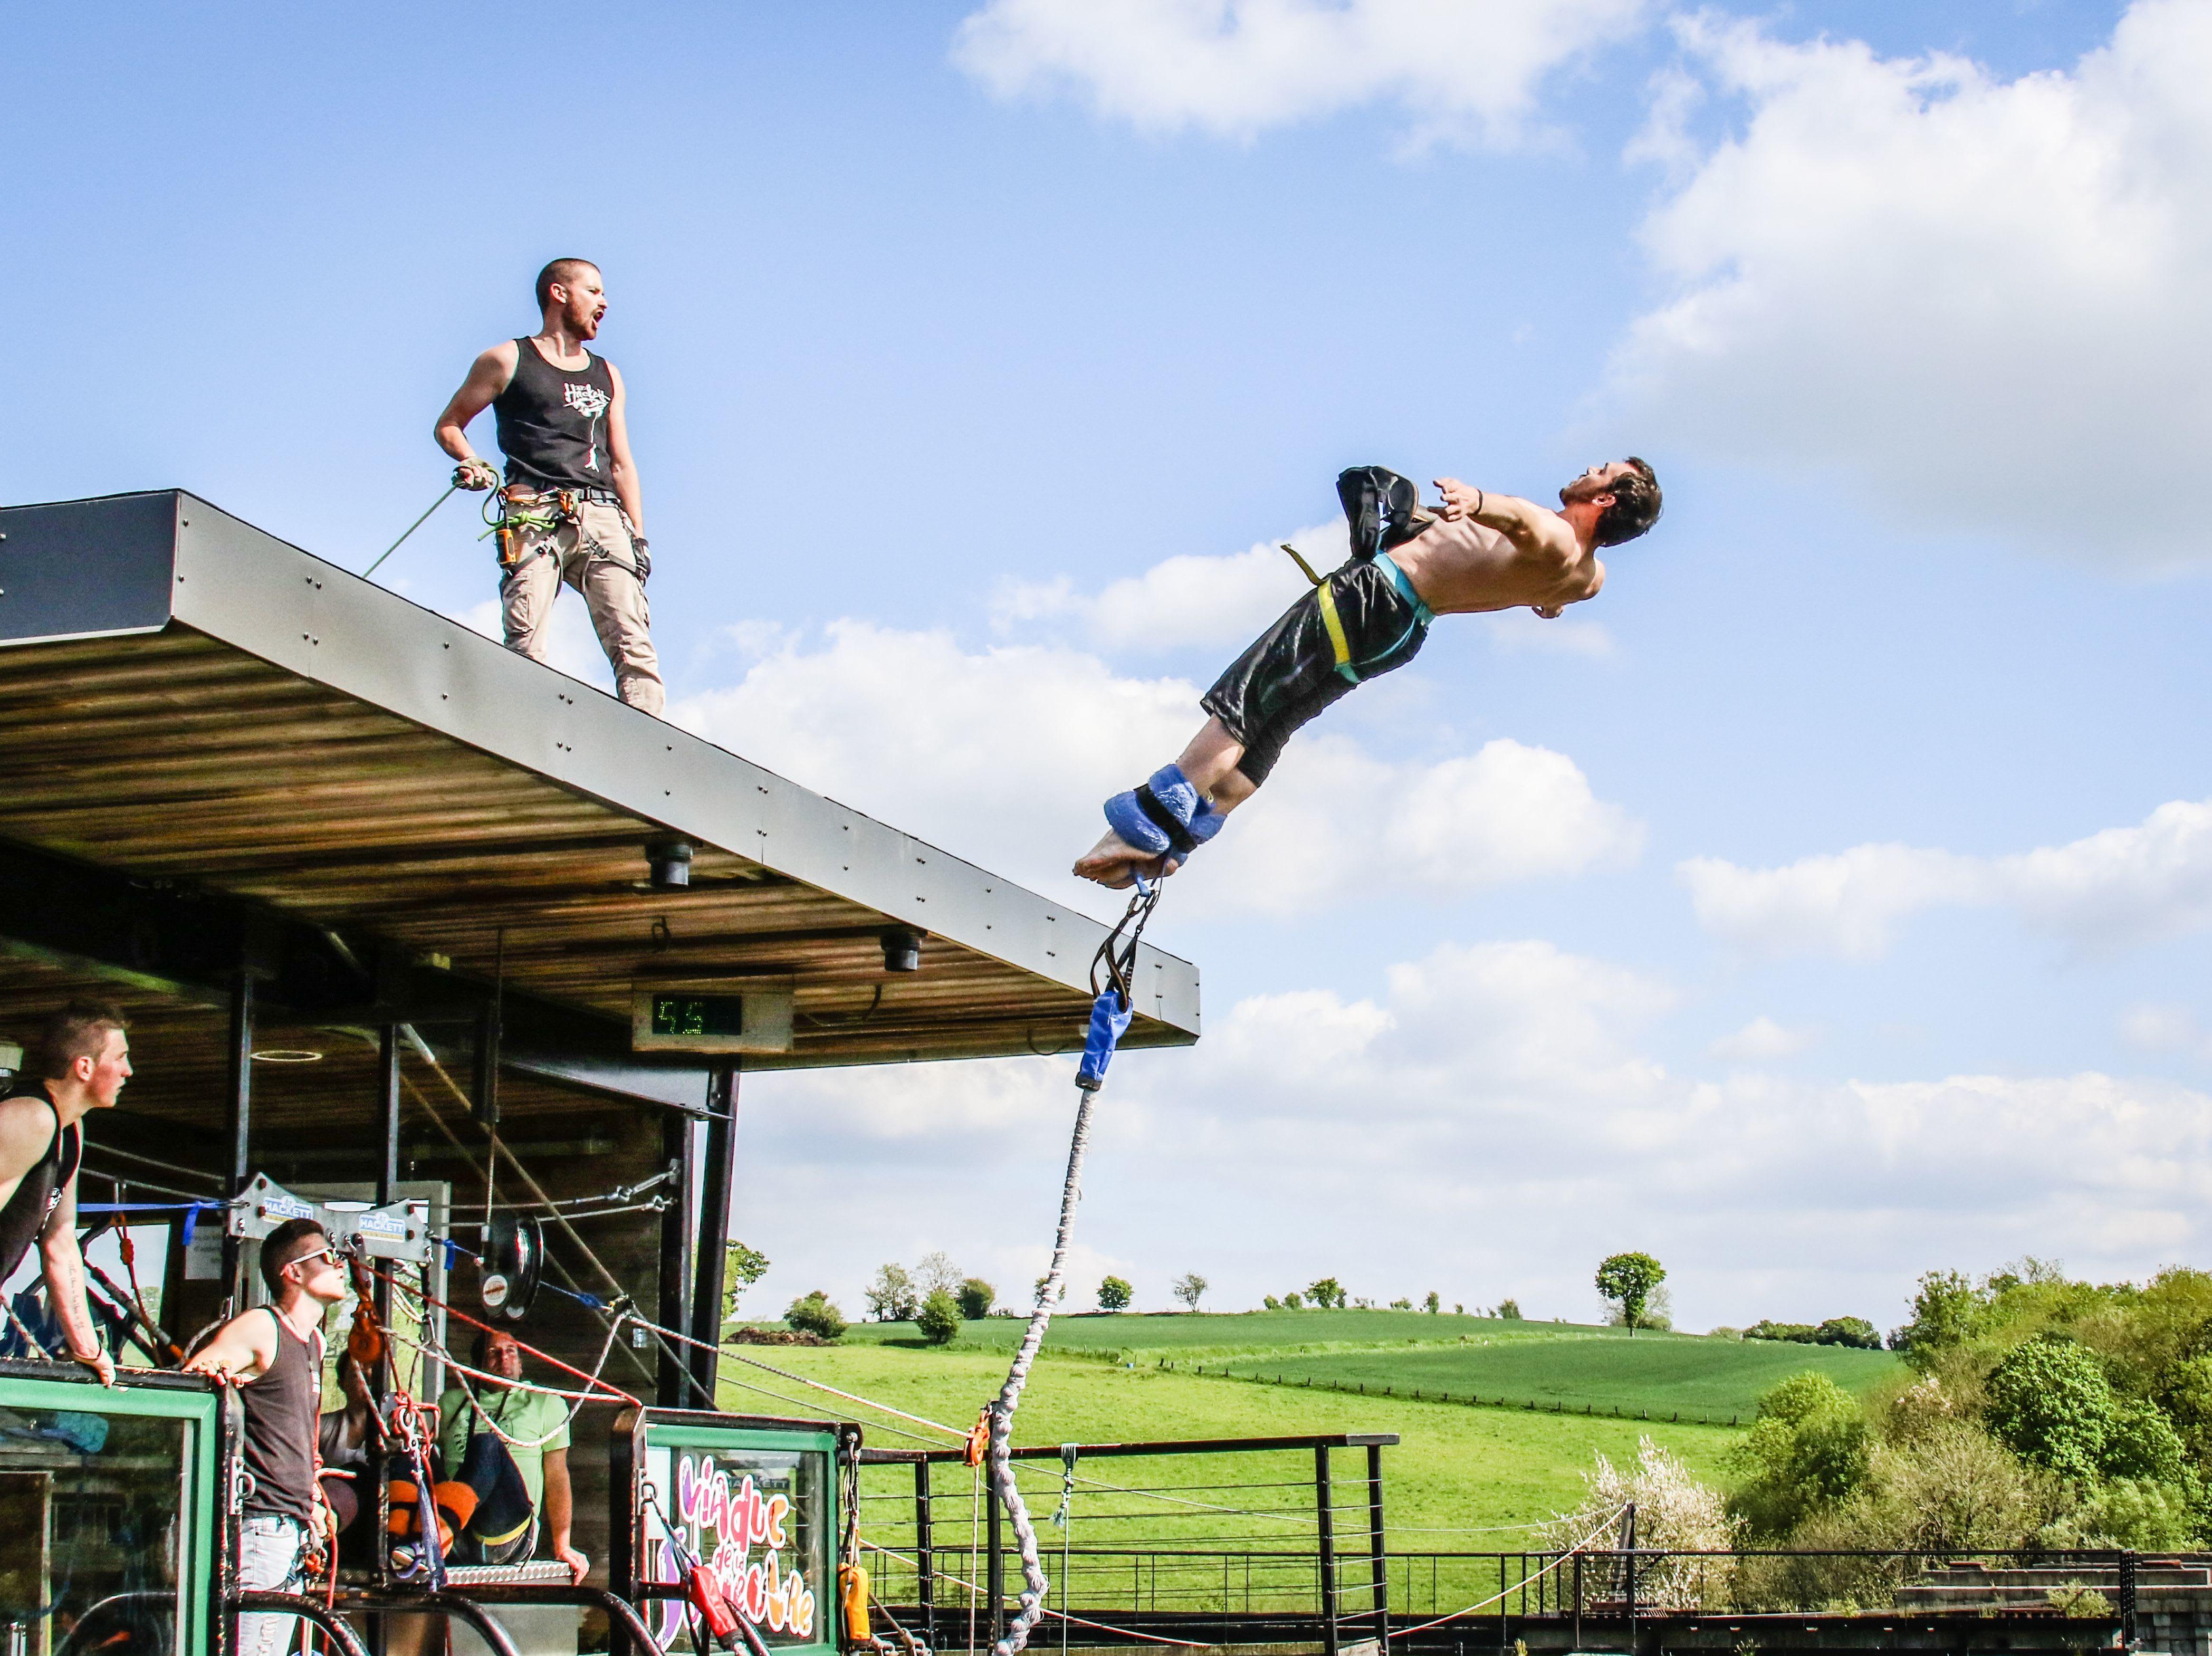 risques-saut-elastique